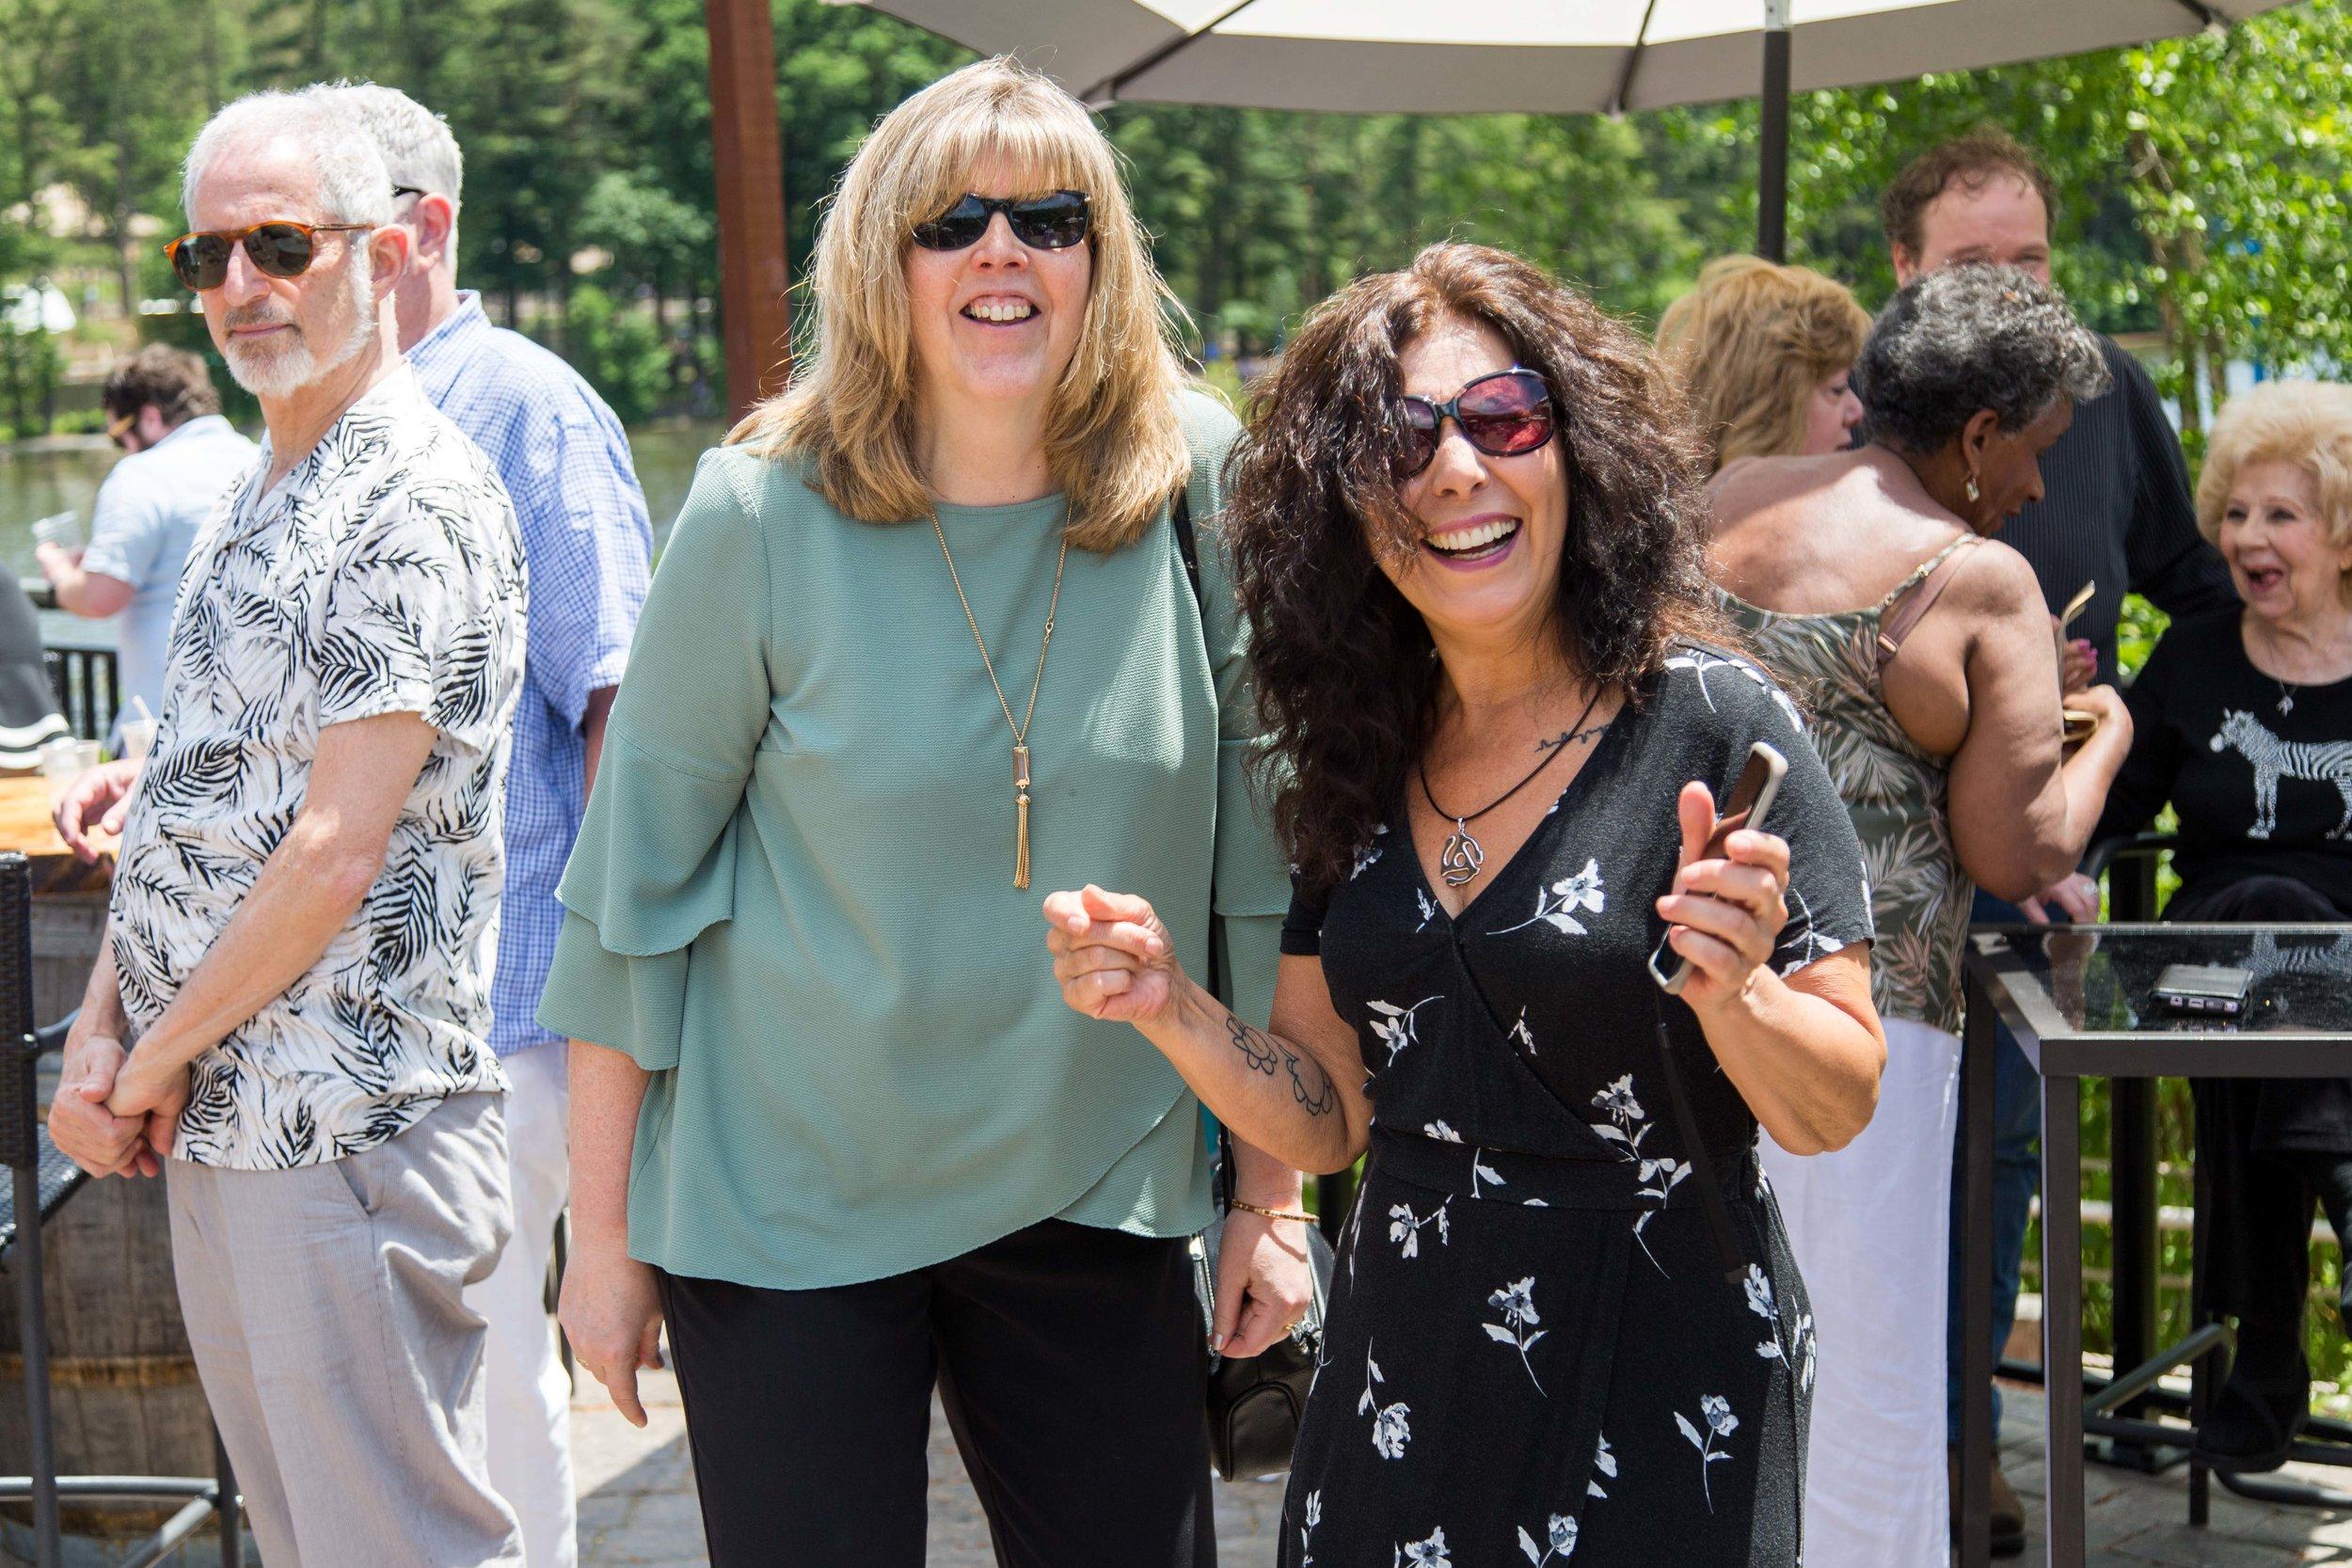 McLoones Boathouse West Orange NJ 100th Birthday Party Event Photos-14.jpg